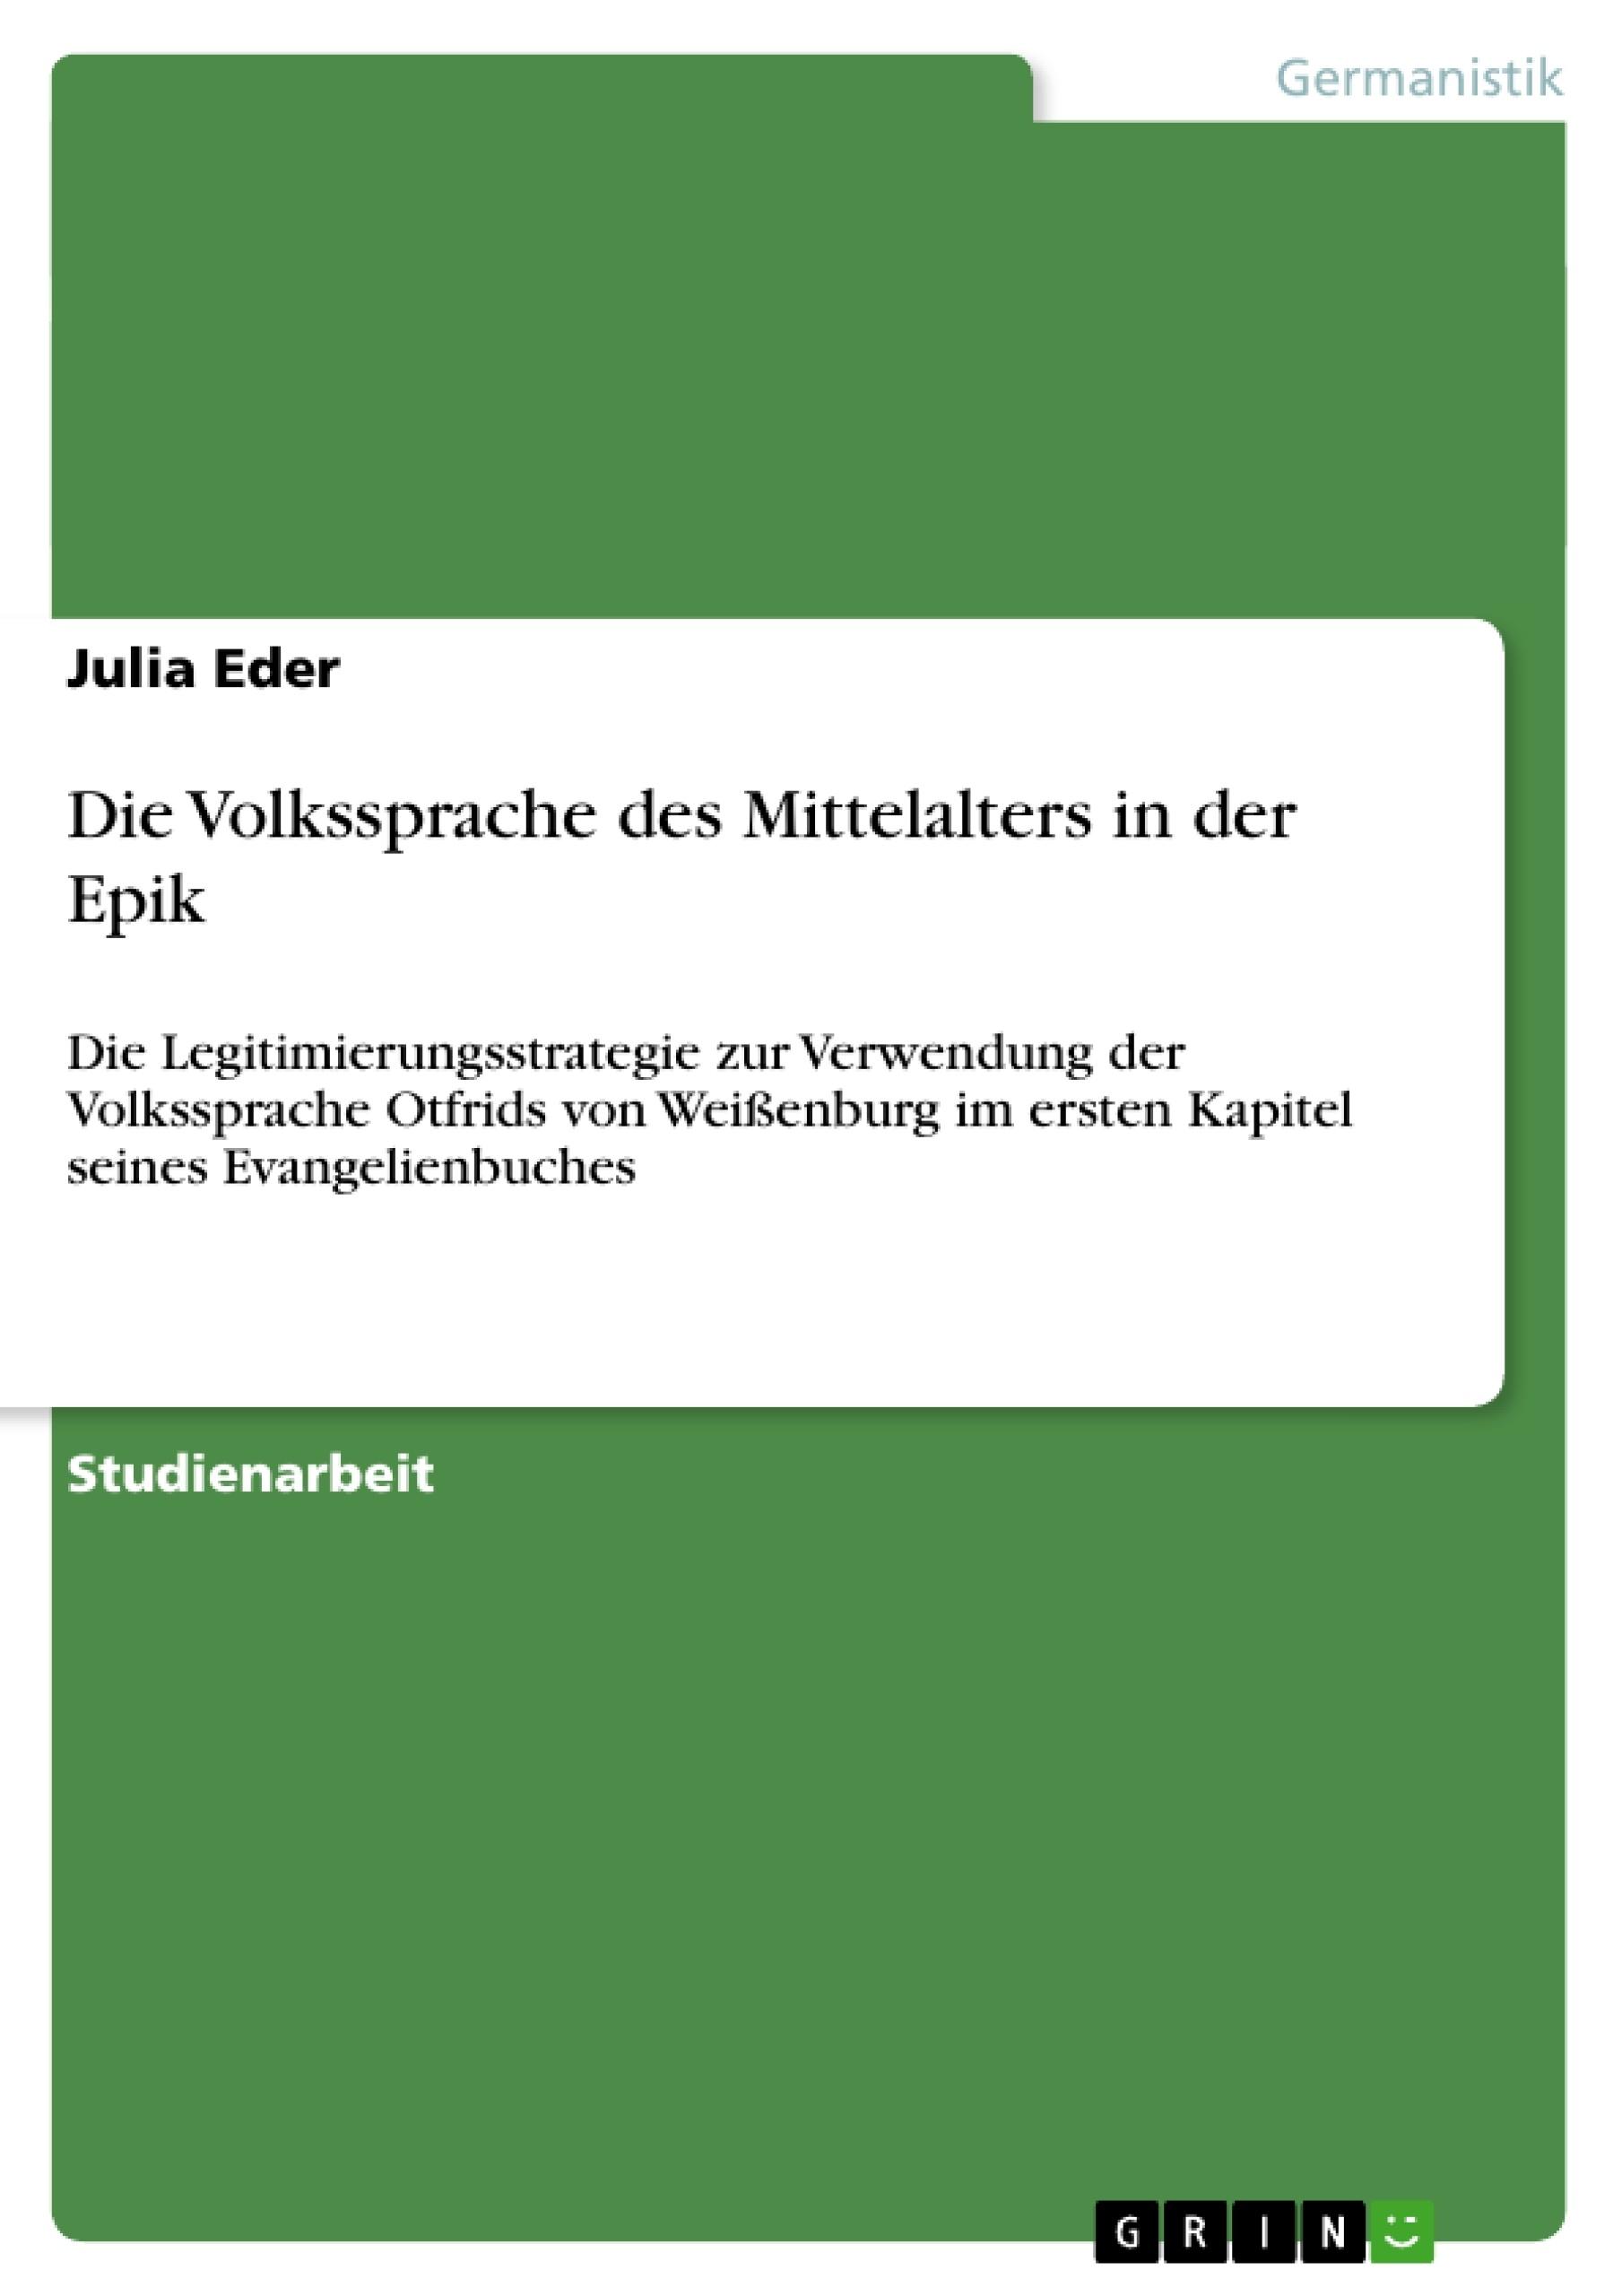 Titel: Die Volkssprache des Mittelalters in der Epik